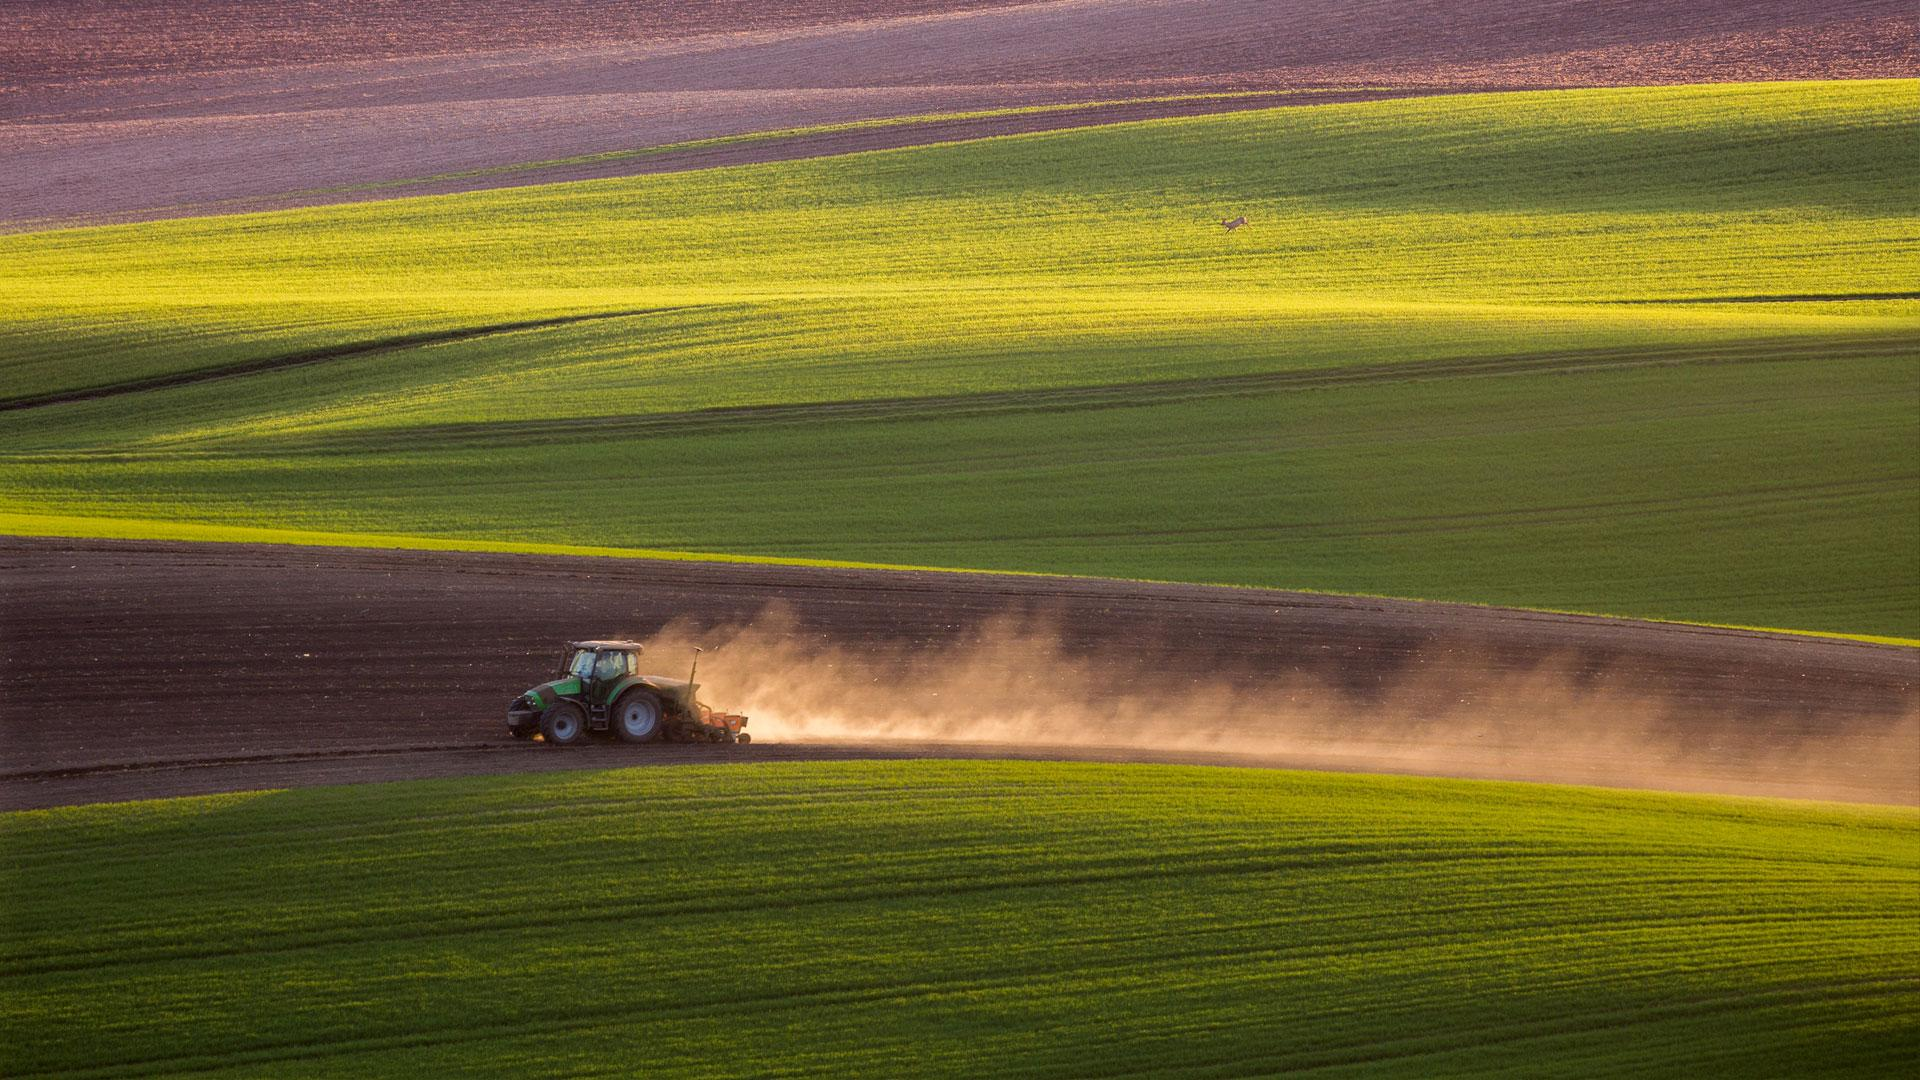 Farming Landscape